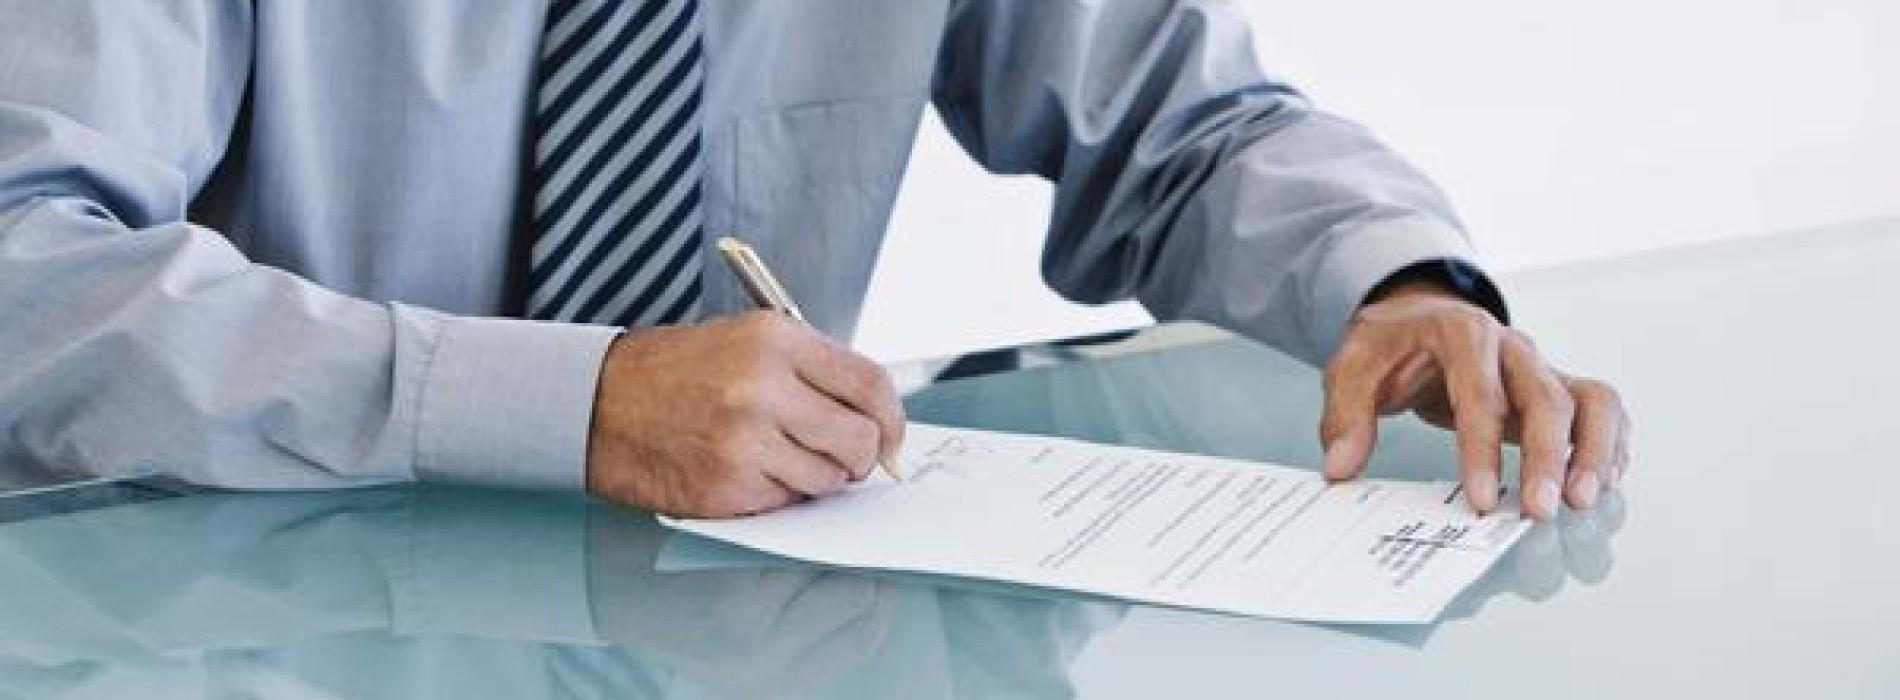 Jakie informacje zamieścić w świadectwie pracy?